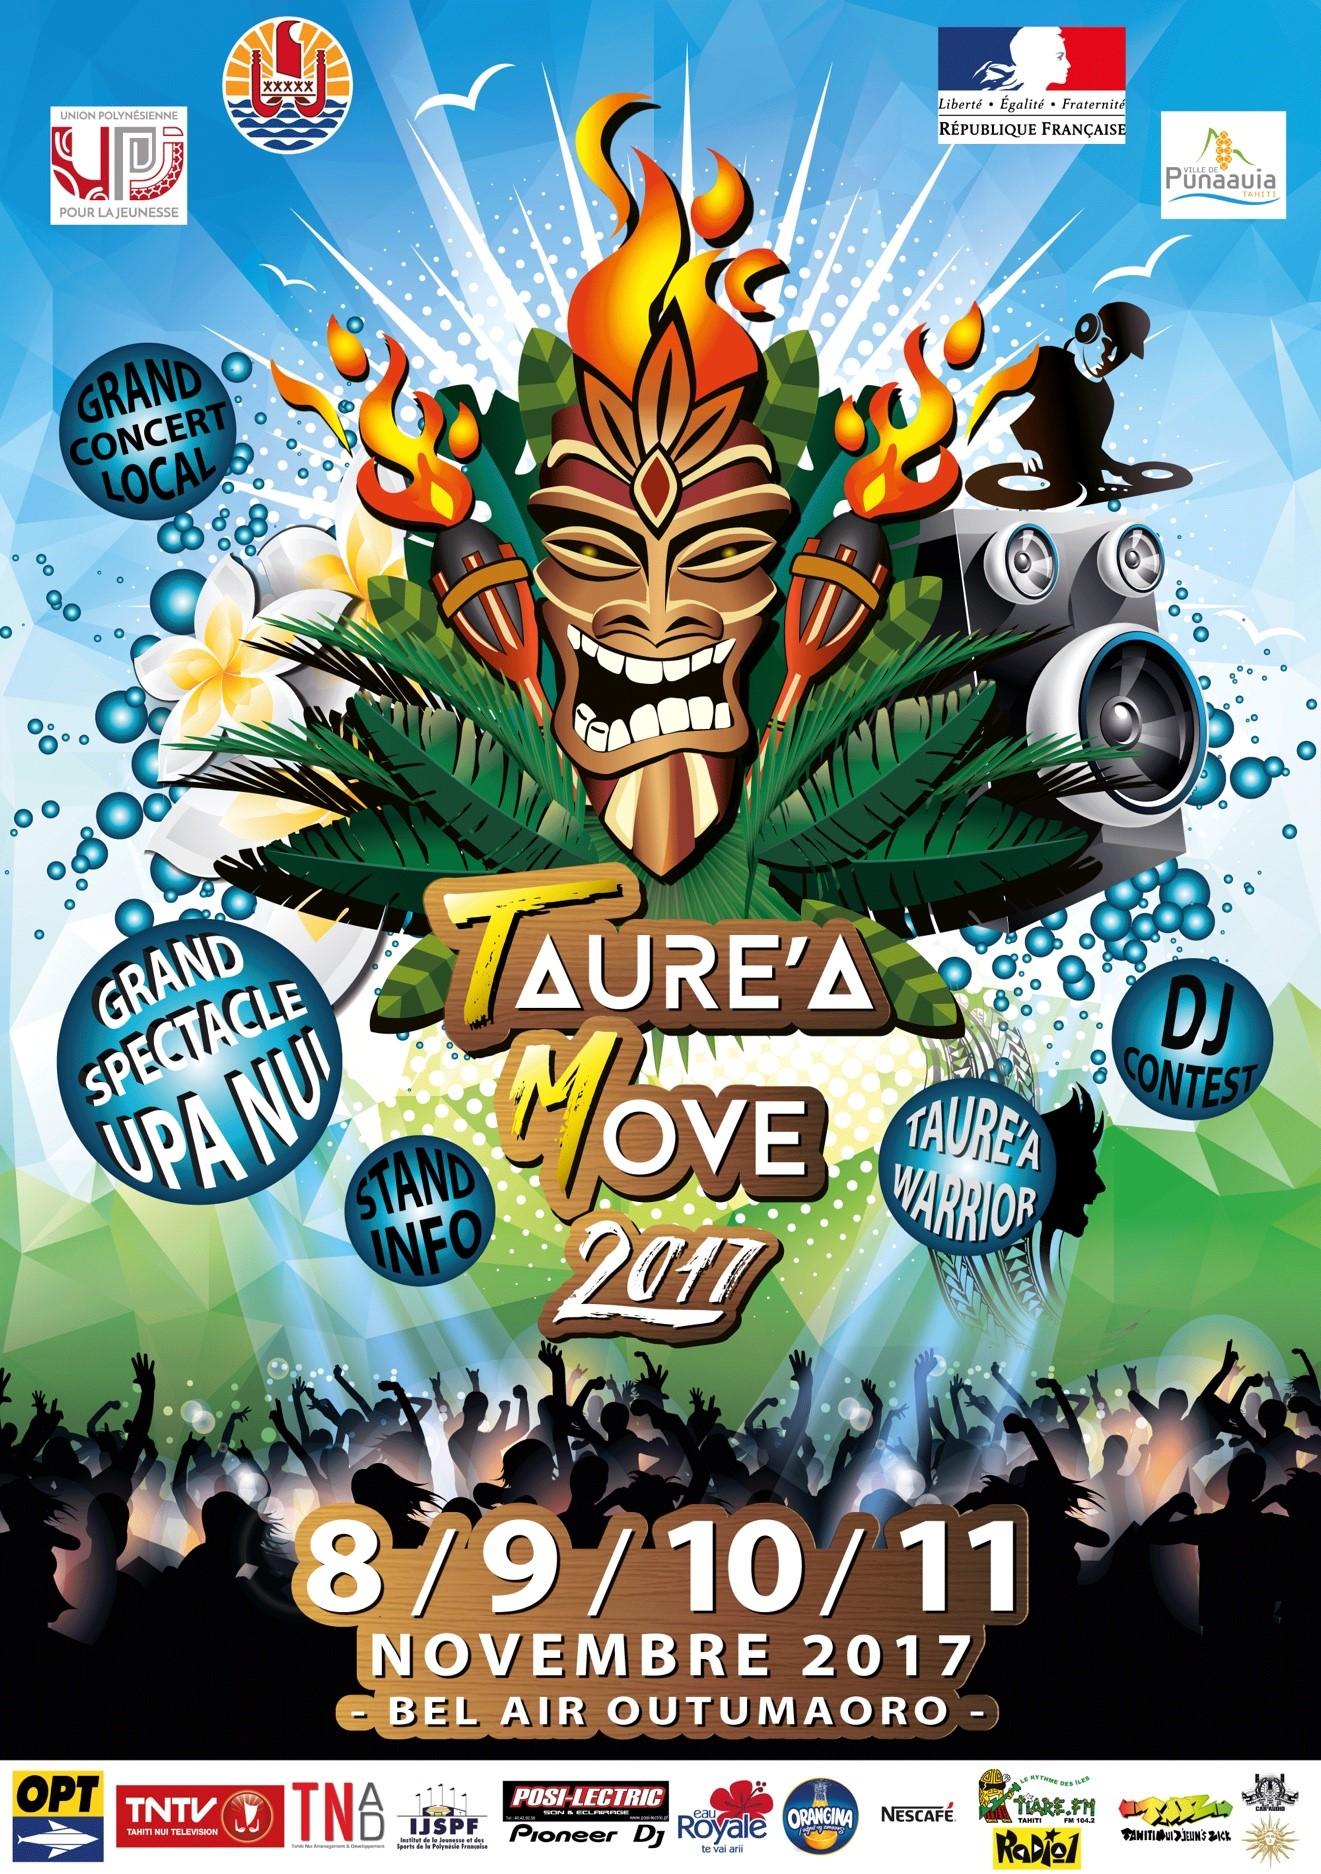 Un concours de DJ pour le Taure'a move 2017